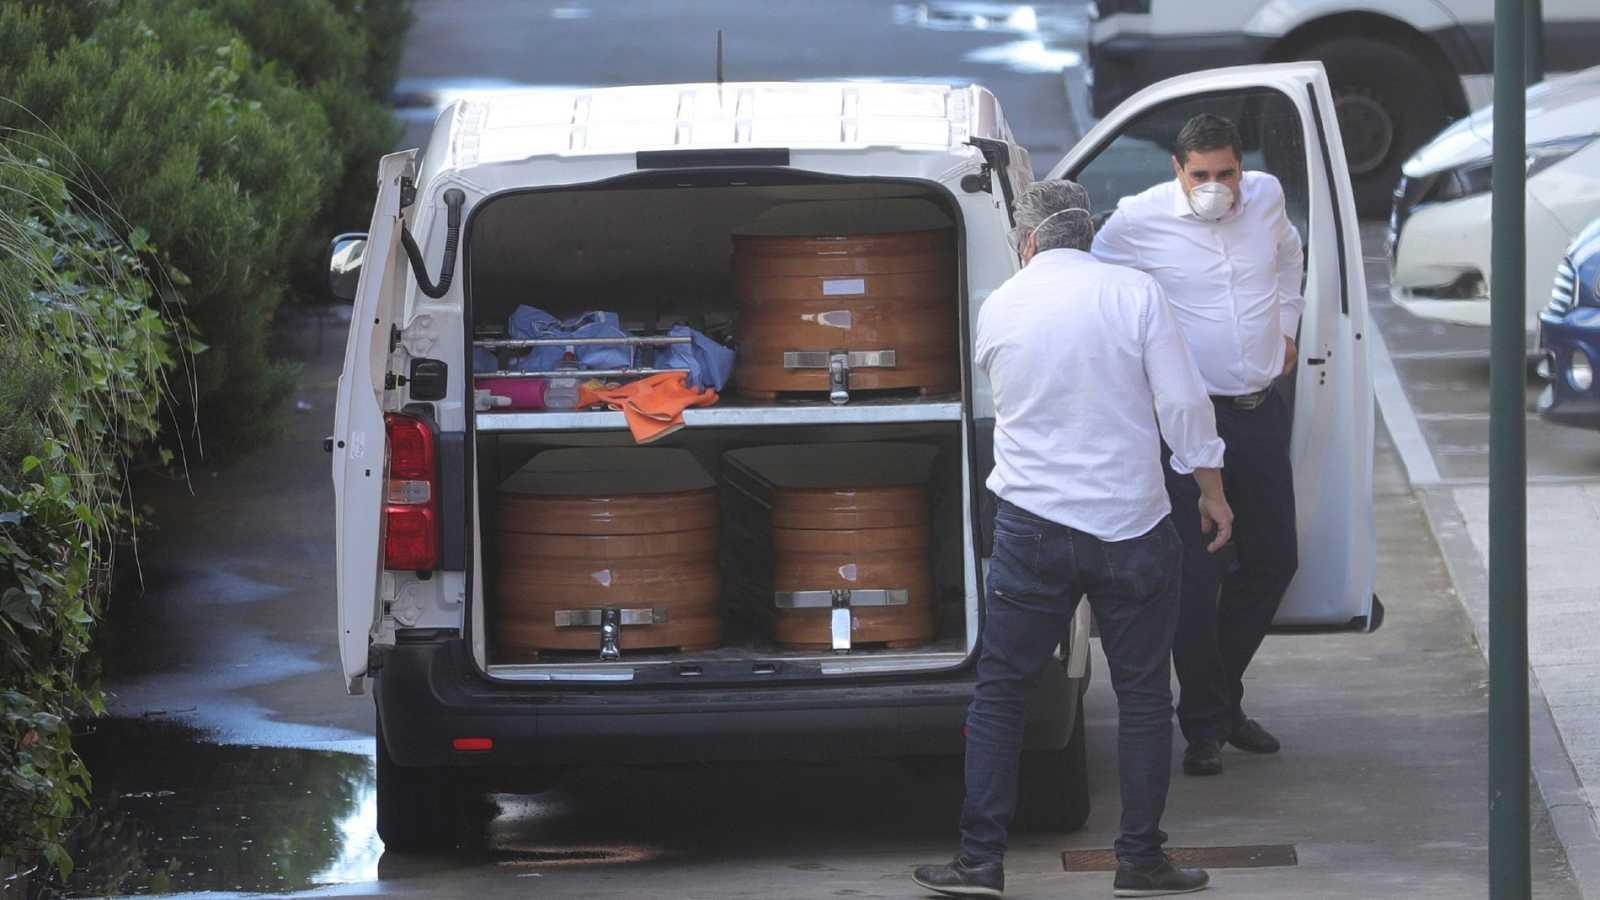 Más de 2.000 mayores han muerto en residencias desde que empezó la crisis del coronavirus